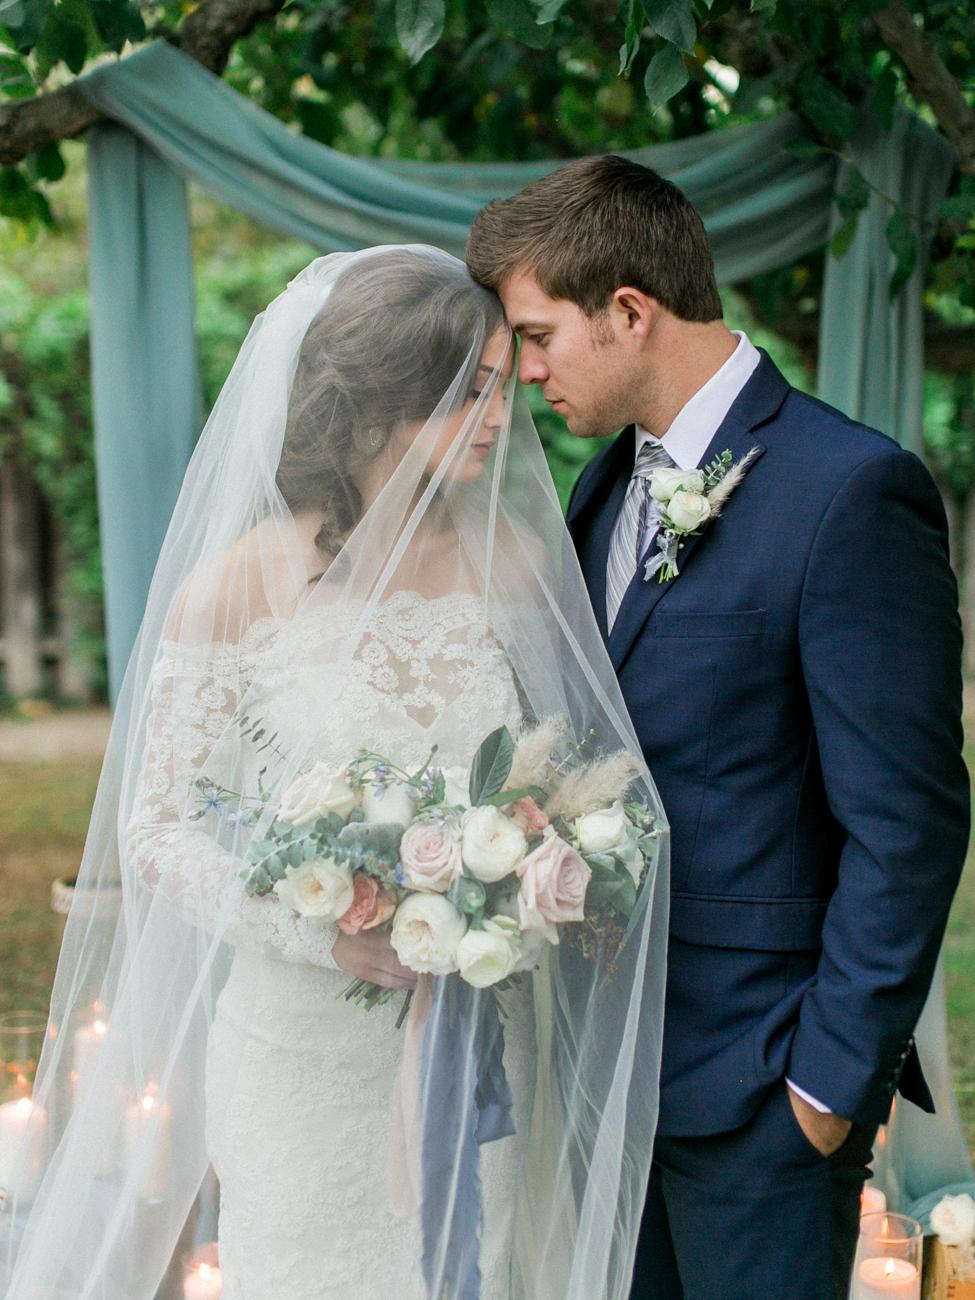 DennisRoyCoronel__RanchoLasLomas_Wedding-129.jpg